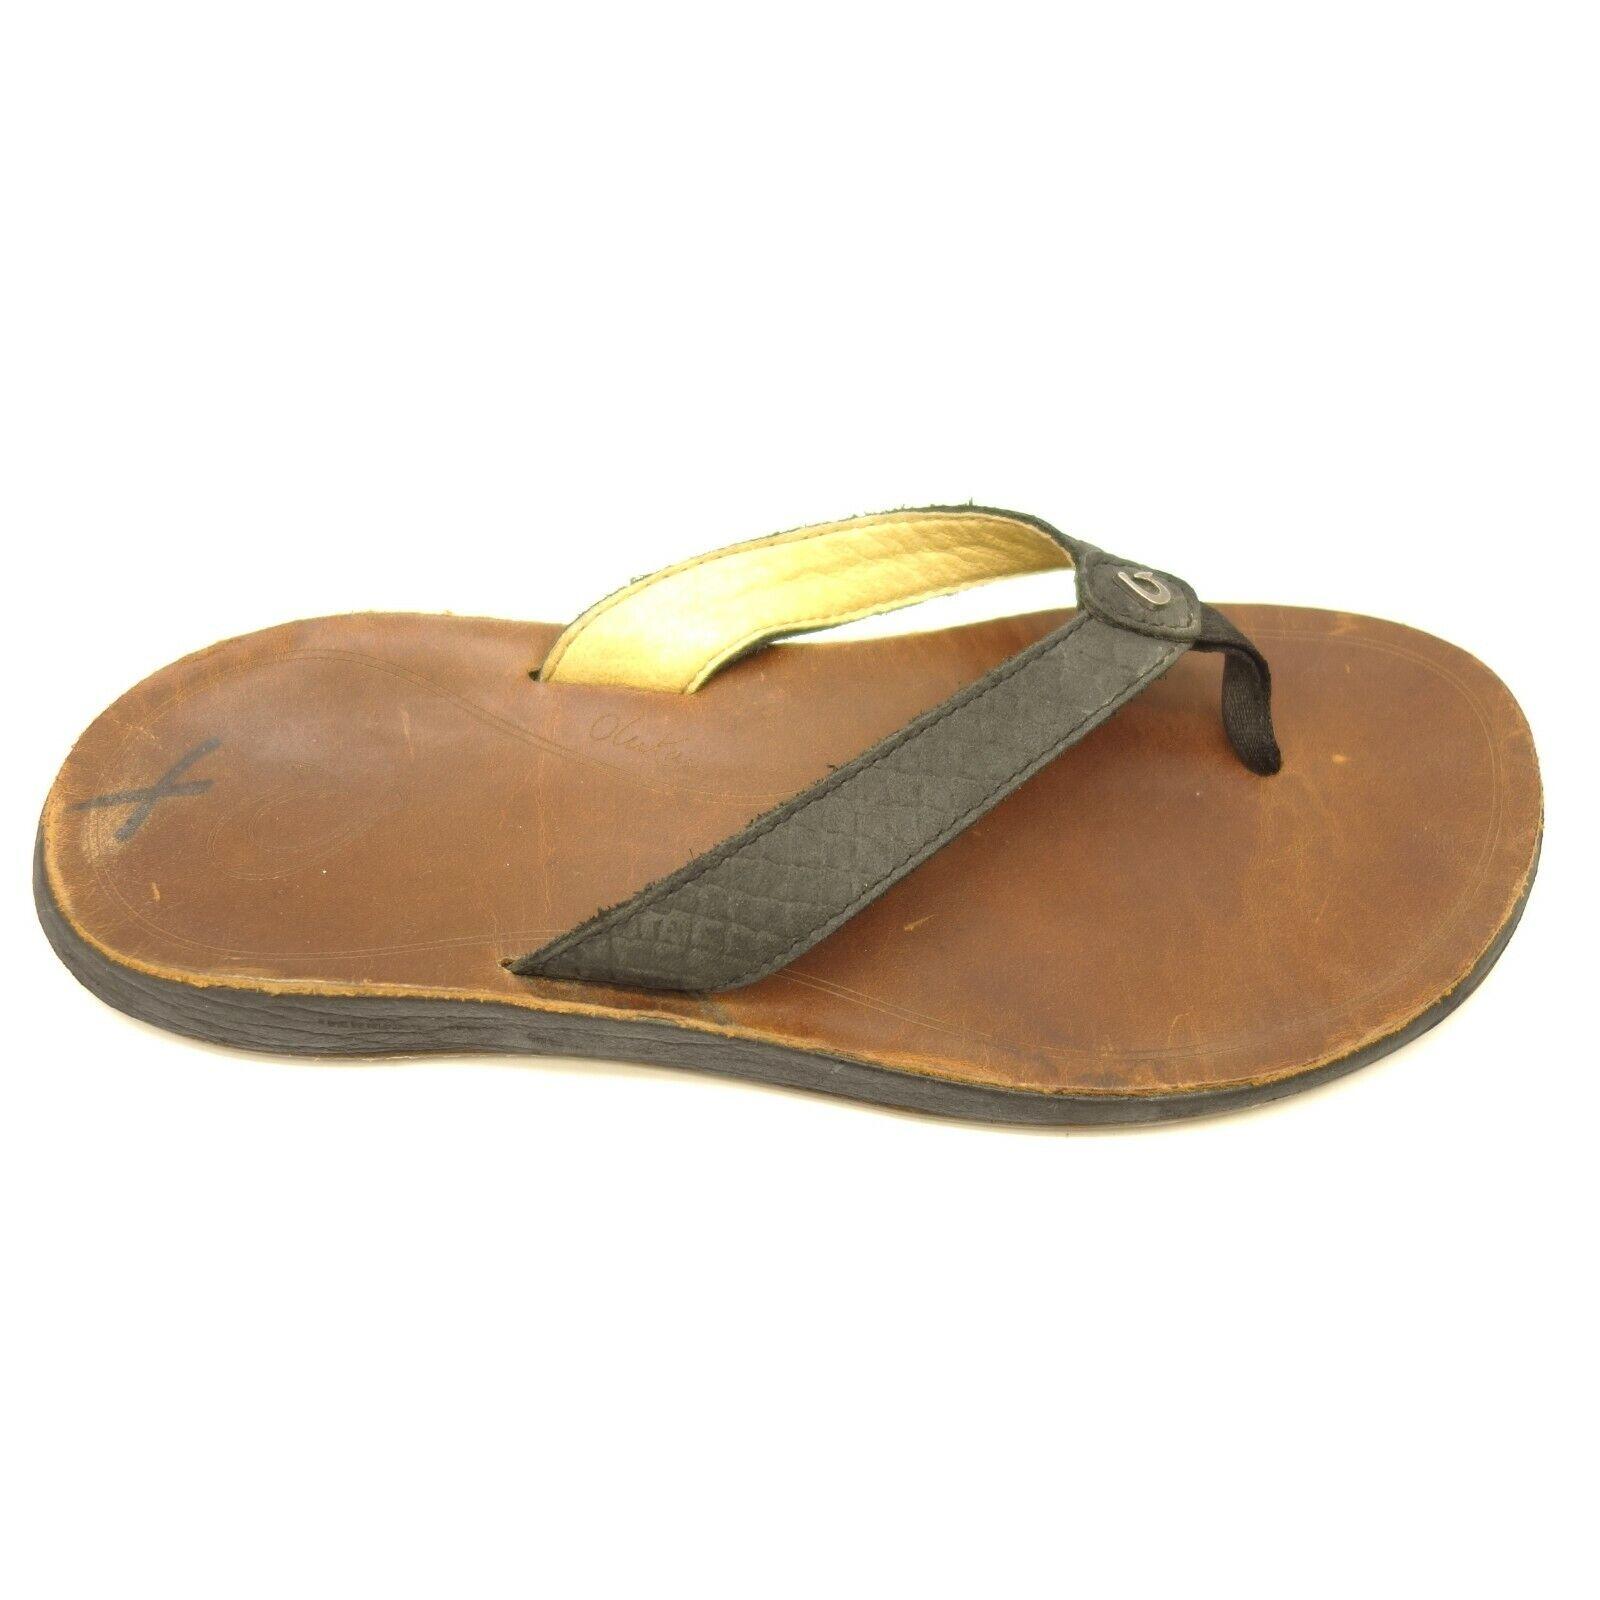 en linea Olukai Mujer Mujer Mujer Talla Us 7 Pua Sandalia Plataforma Caminar Casual Confort Sandalias  genuina alta calidad